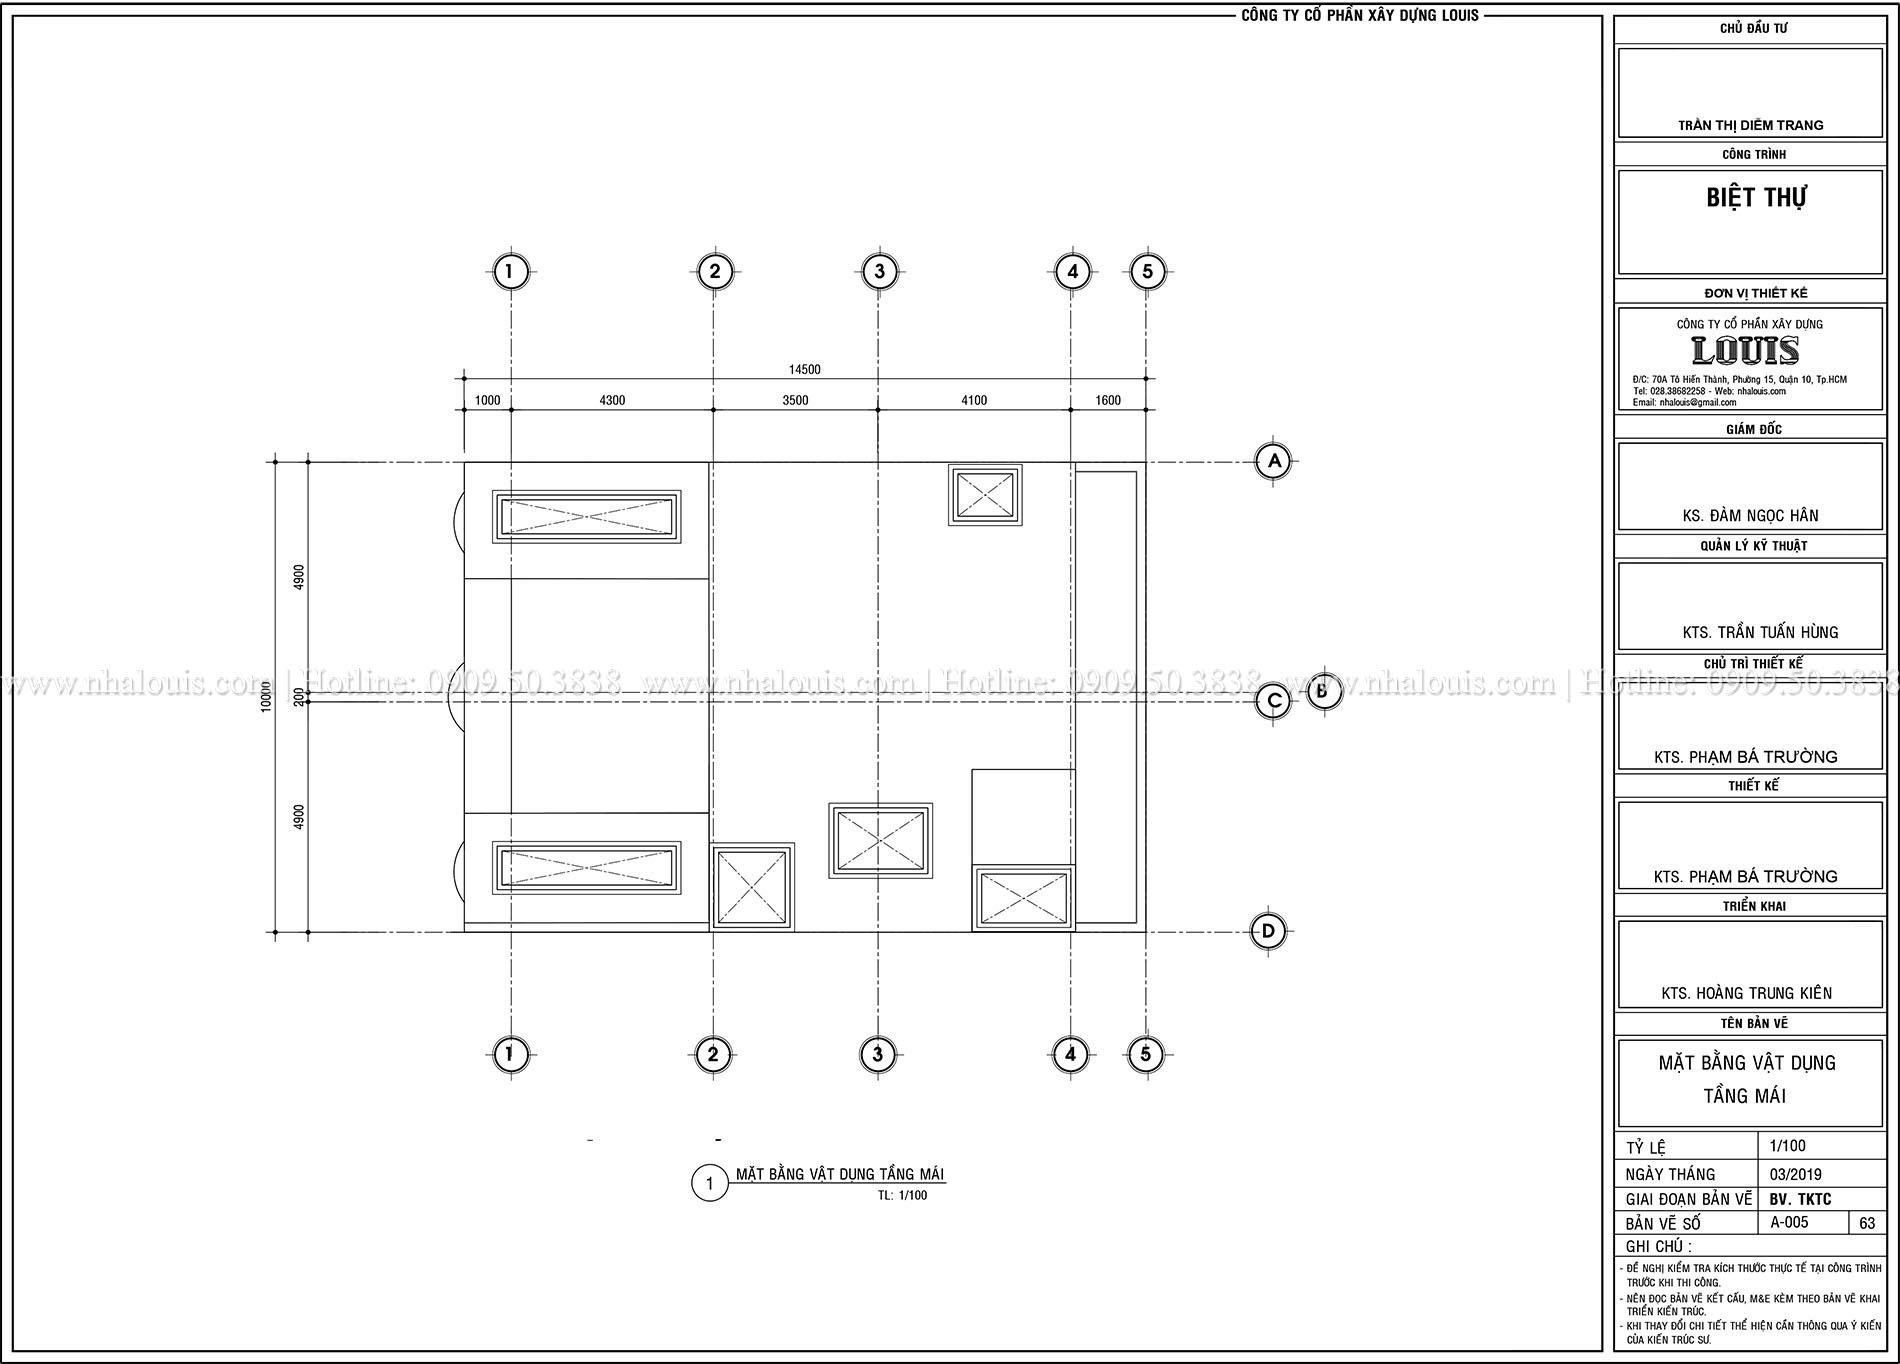 Mặt tbằng tầng mái Thiết kế biệt thự tân cổ điển 4 lầu đẹp quý phái tại Tân Phú - 07